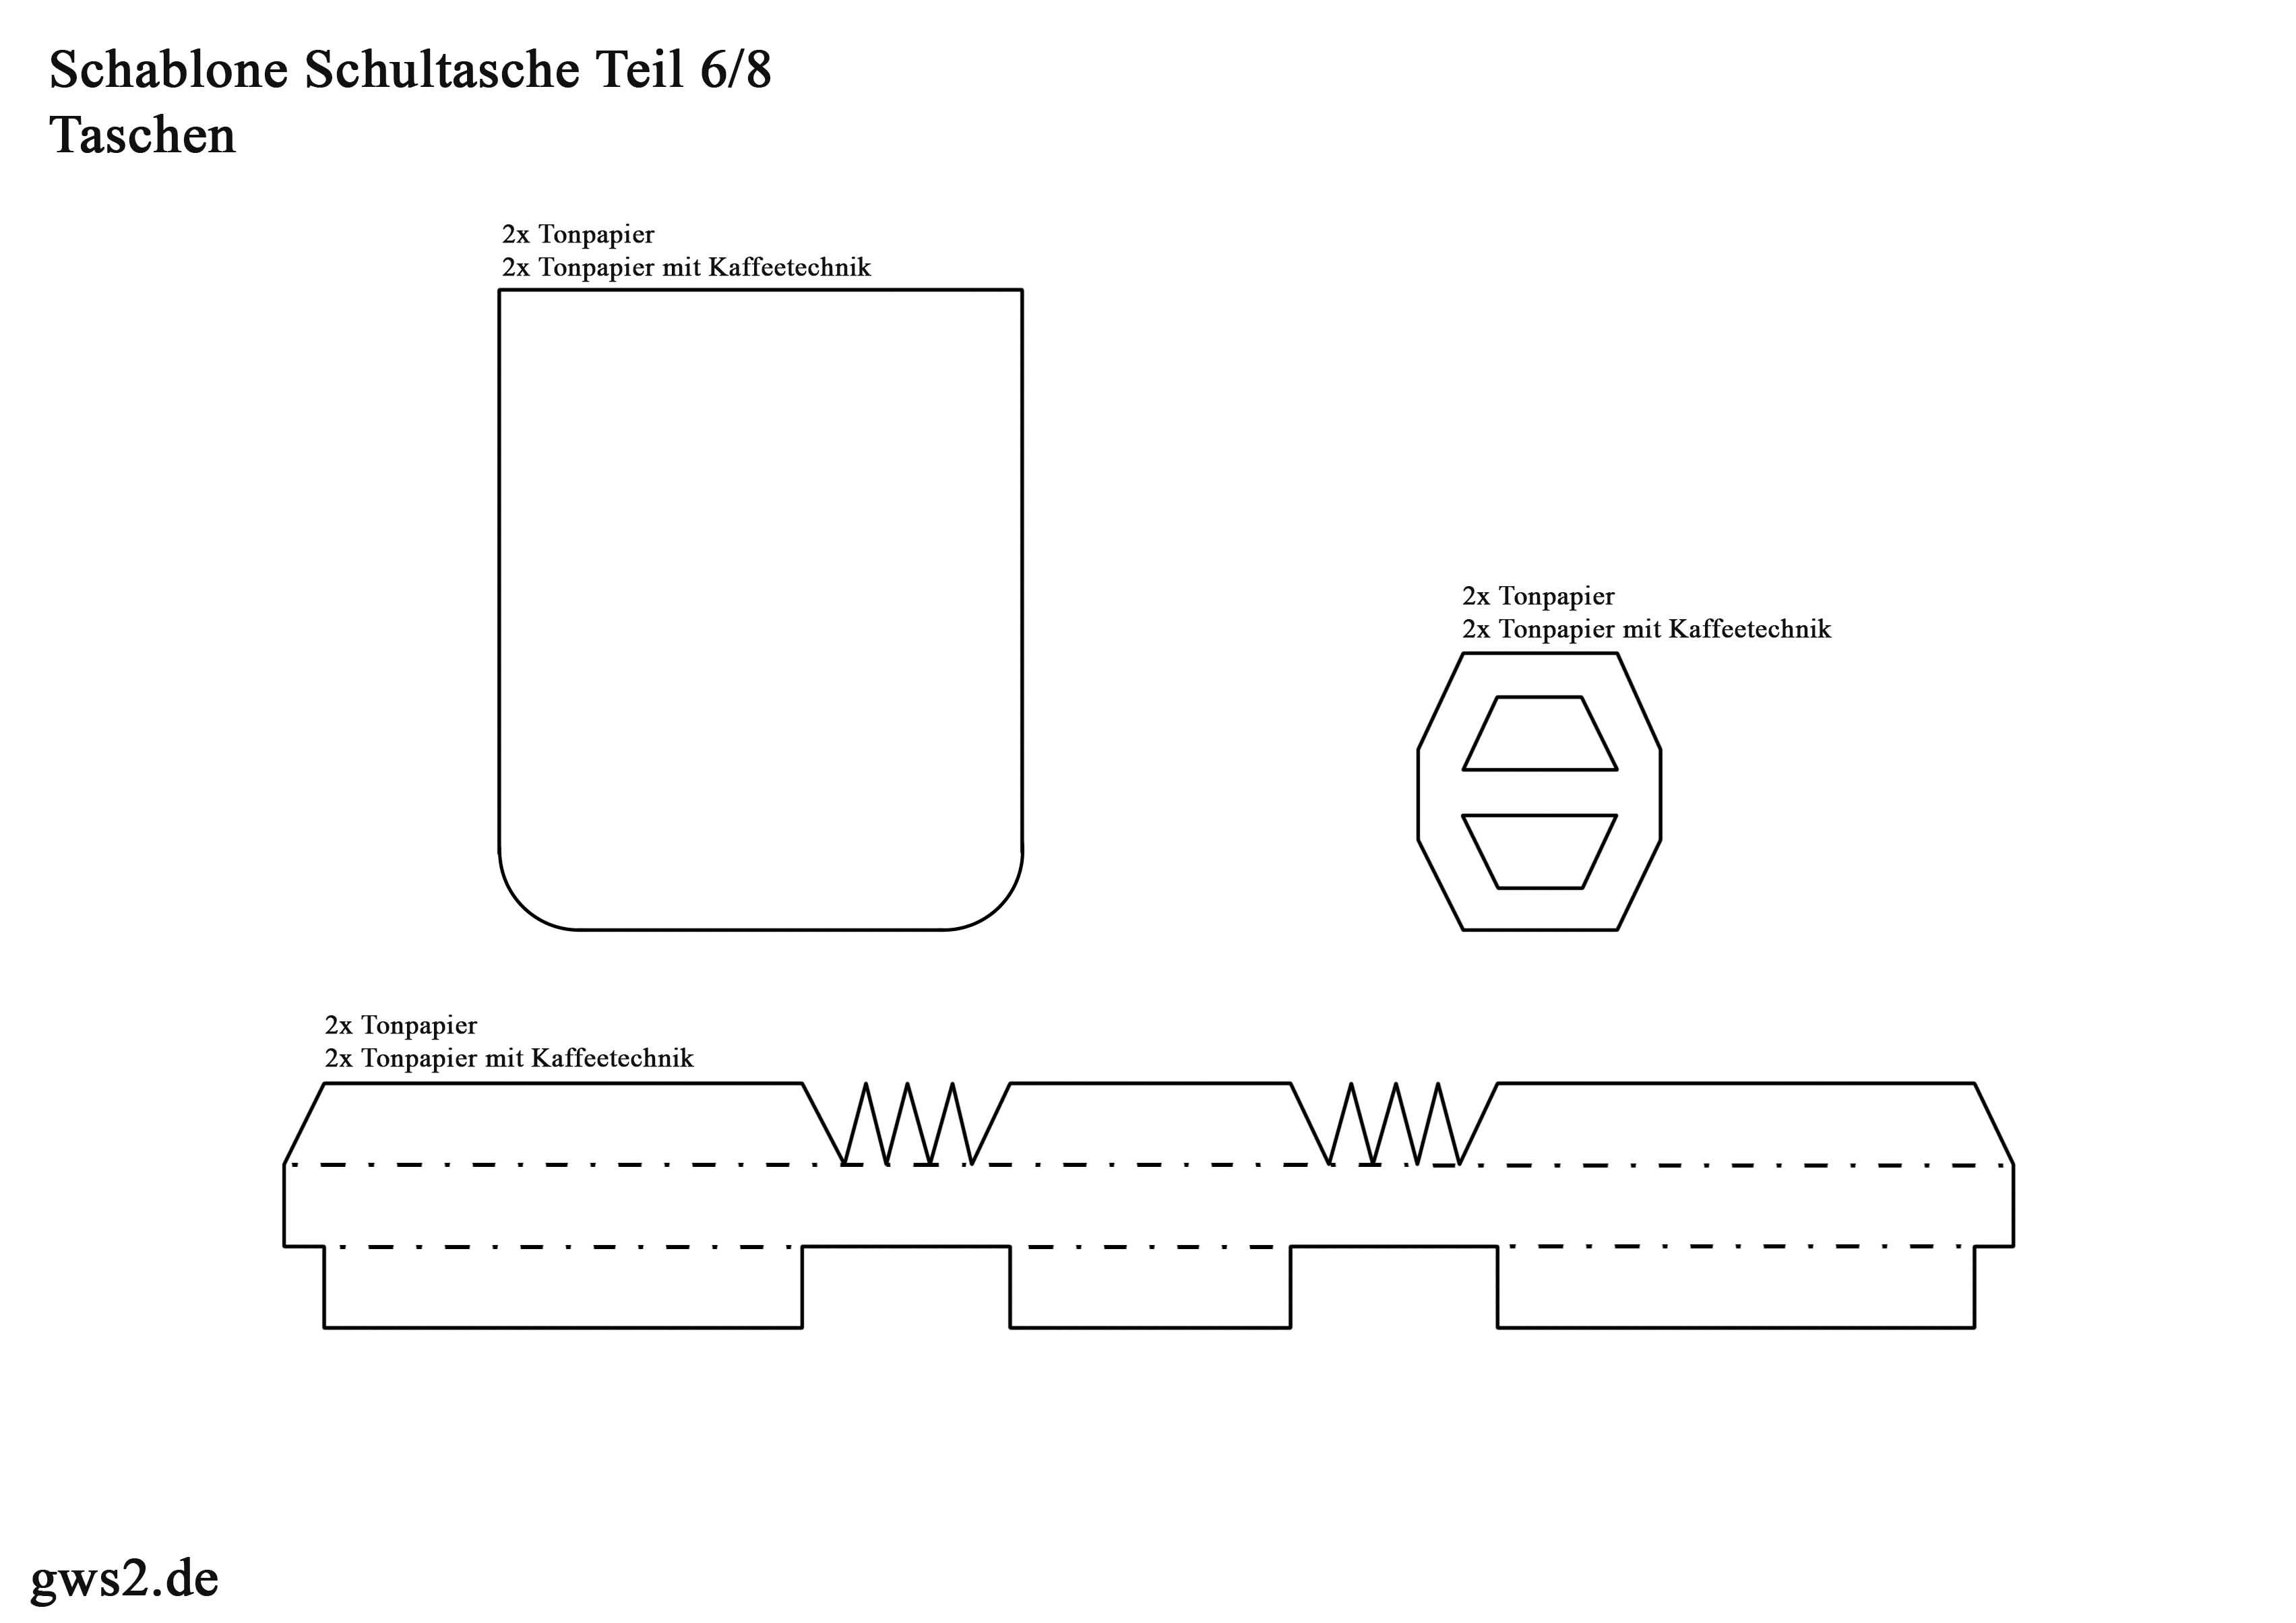 GWS2.de: Das Portal für Bastelanleitungen und Papier | Seite 11